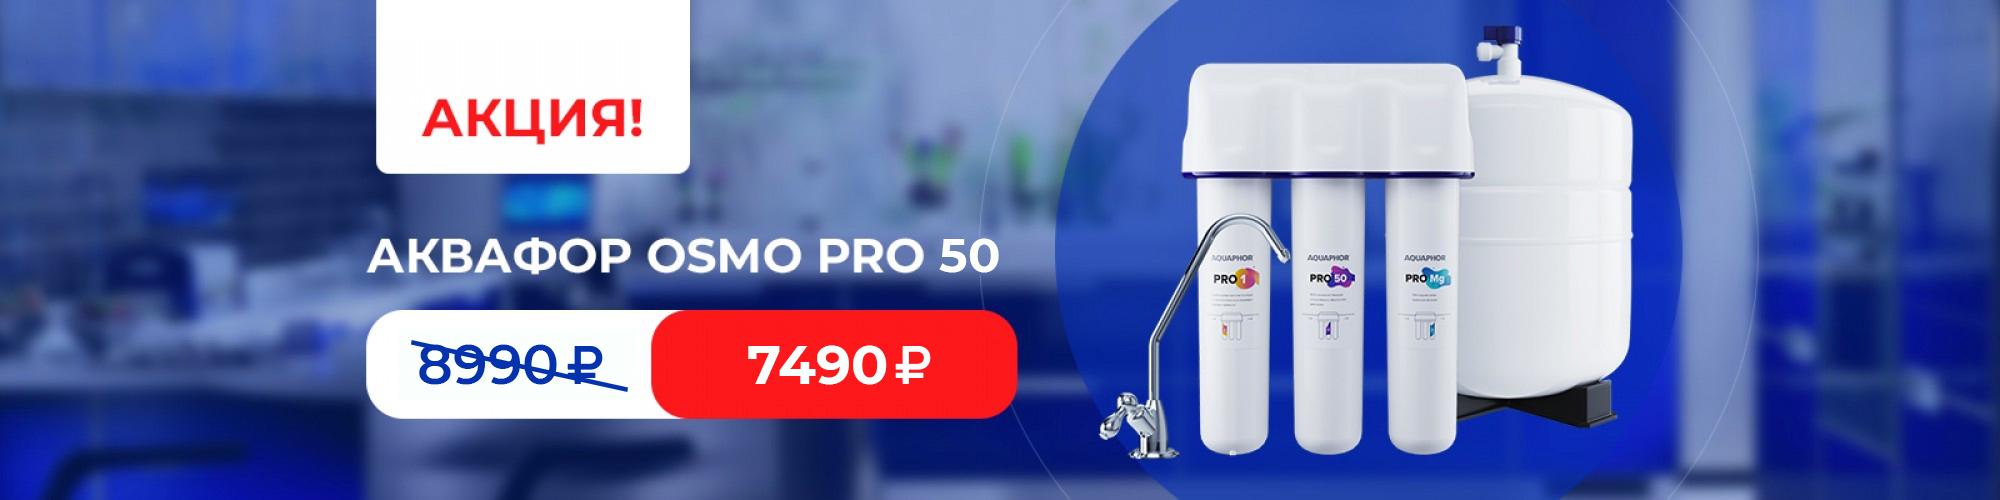 Osmo Pro 50